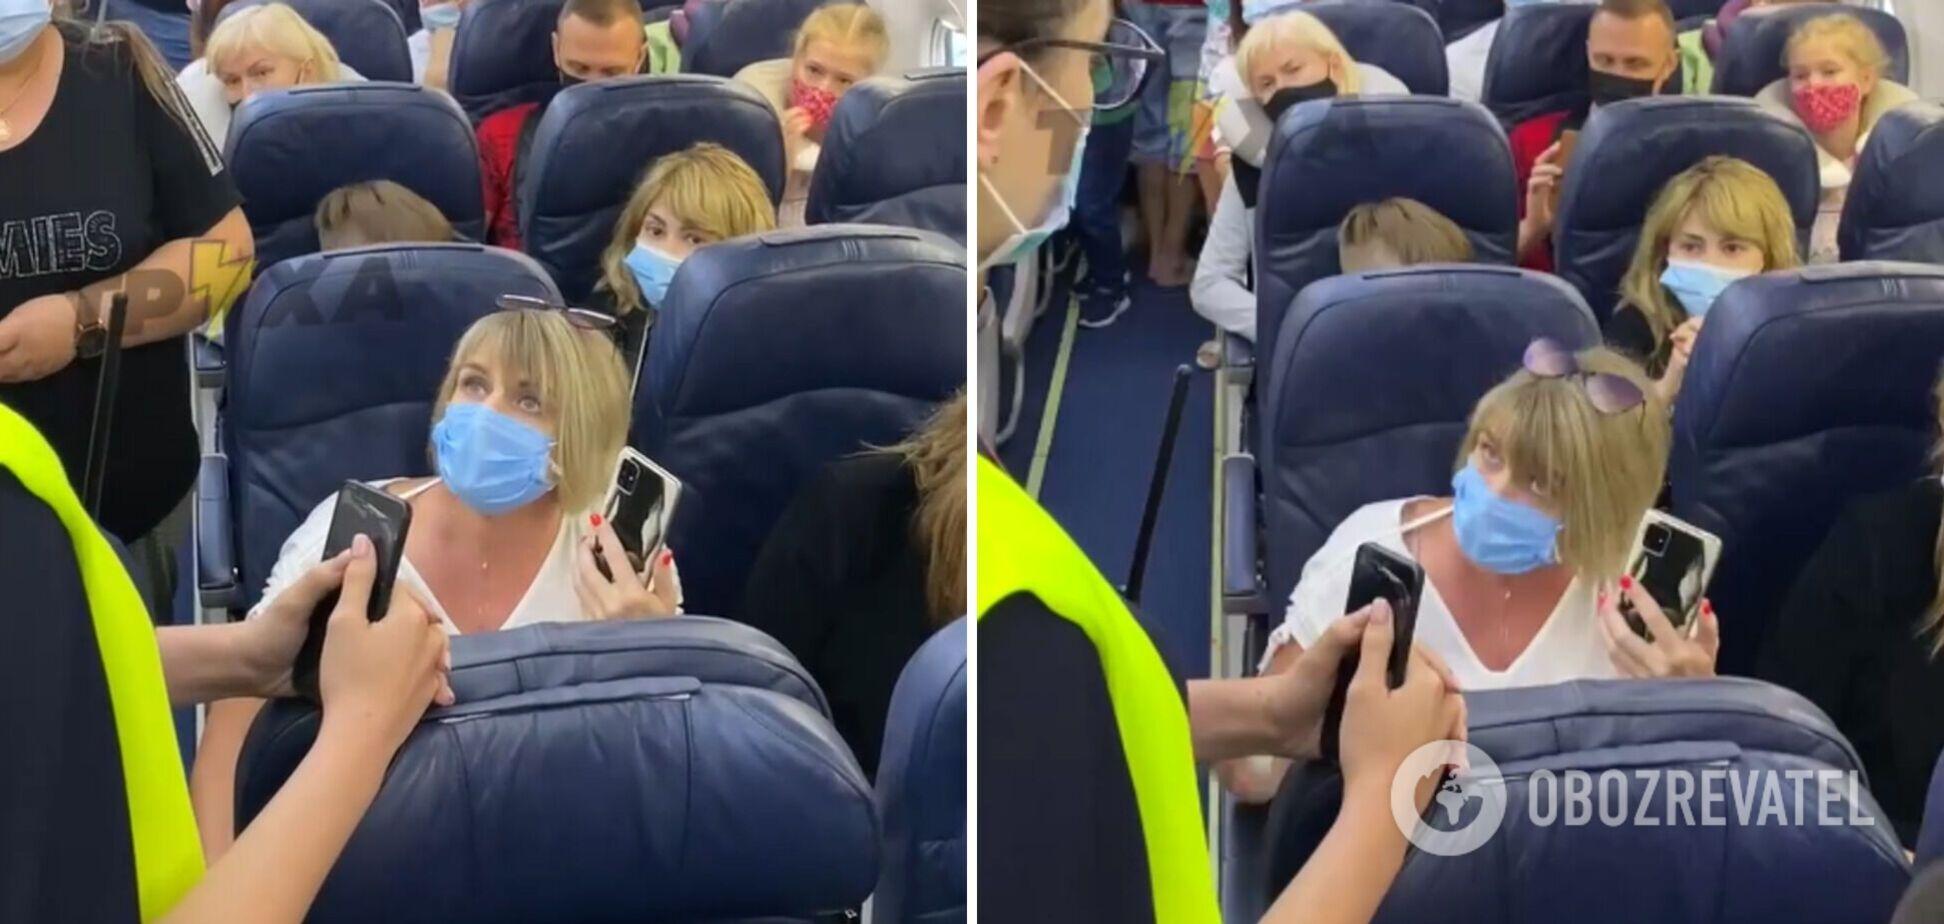 Женщина отказалась надеть маску и устроила скандал